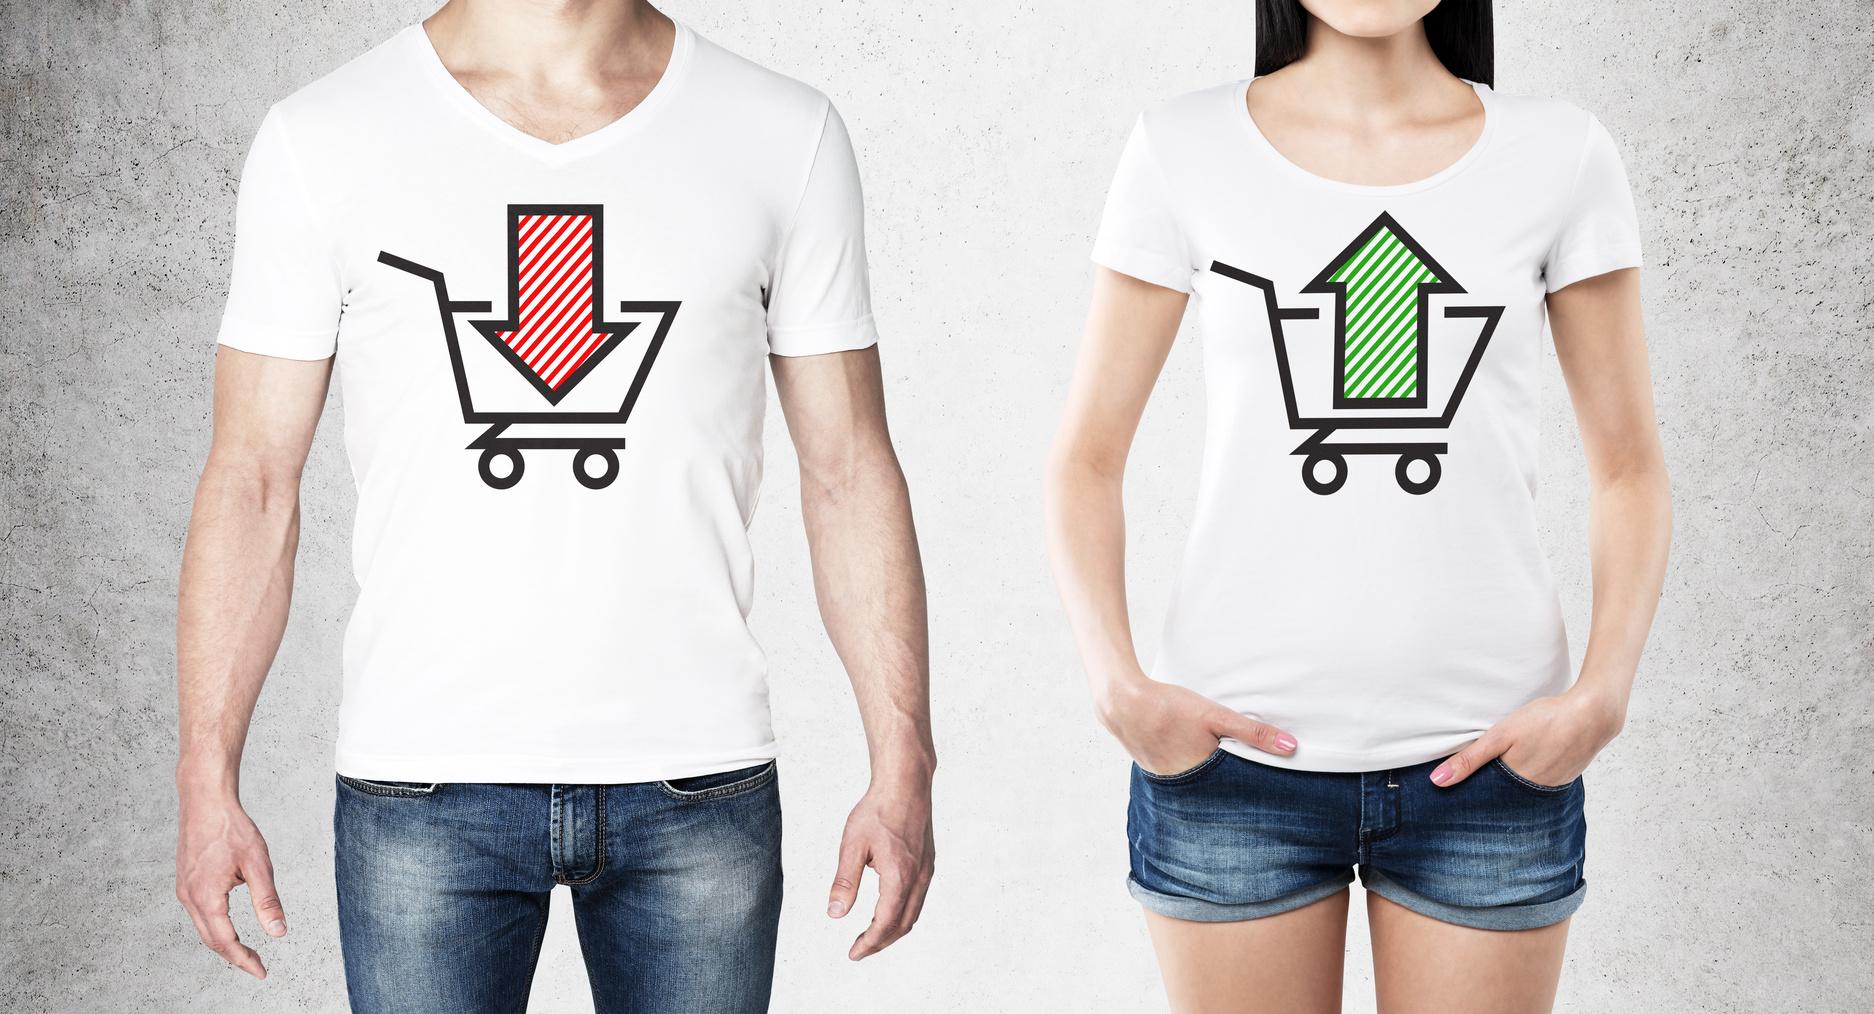 İnternetten tekstil ve giyim ürünleri satışında yapılan hatalar